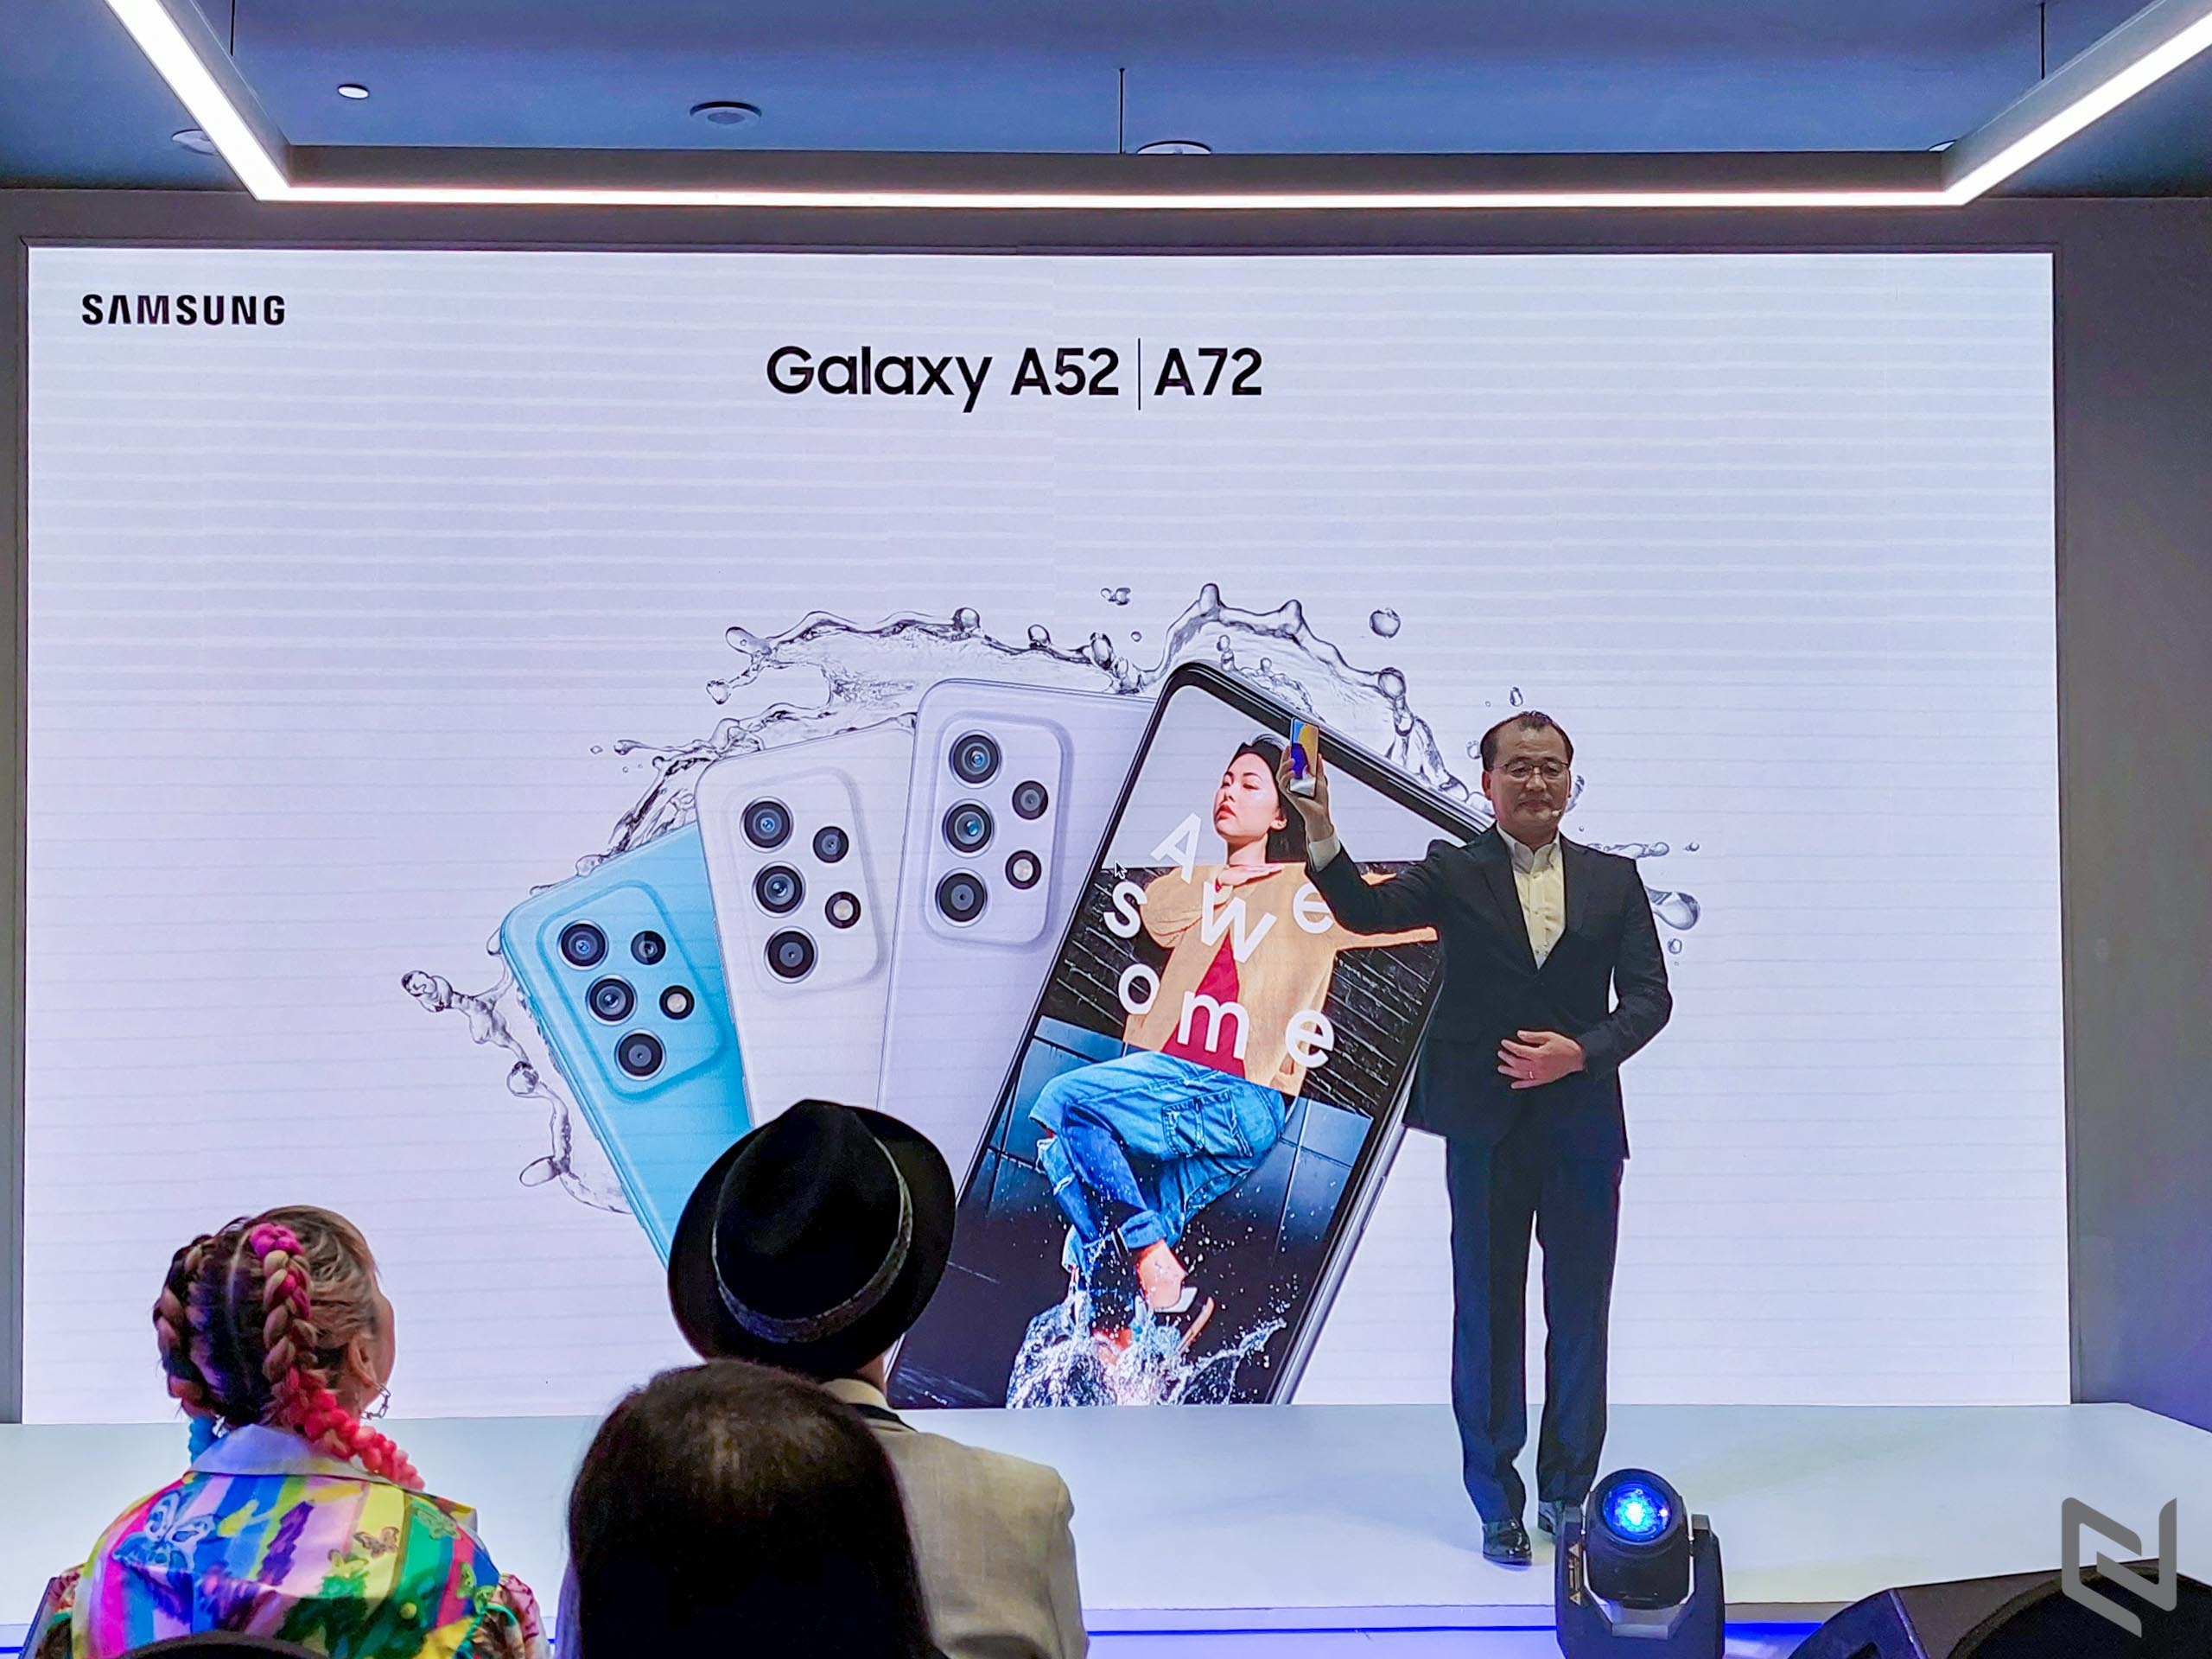 Sự kiện ra mắt Samsung Galaxy A52 và Galaxy A72 tại Việt Nam